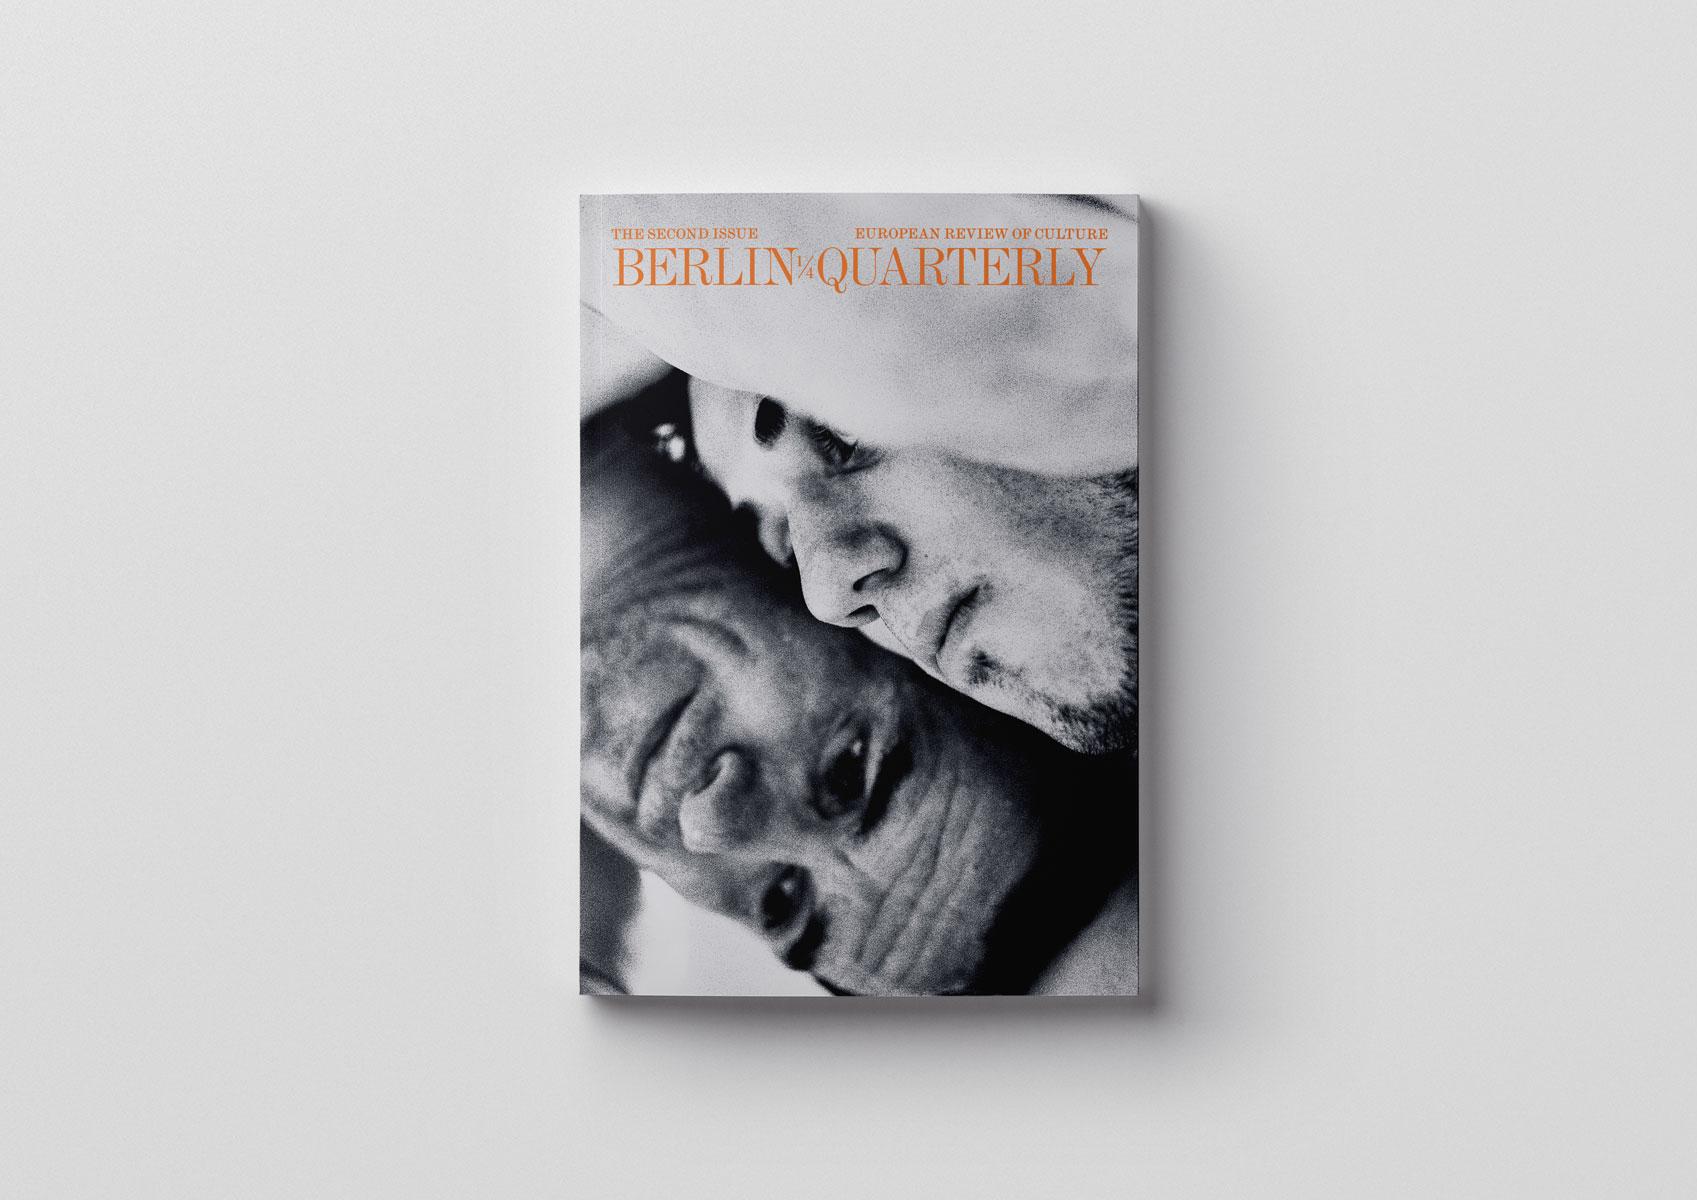 nicoletta-dalfino-berlin-quarterly-2-cover